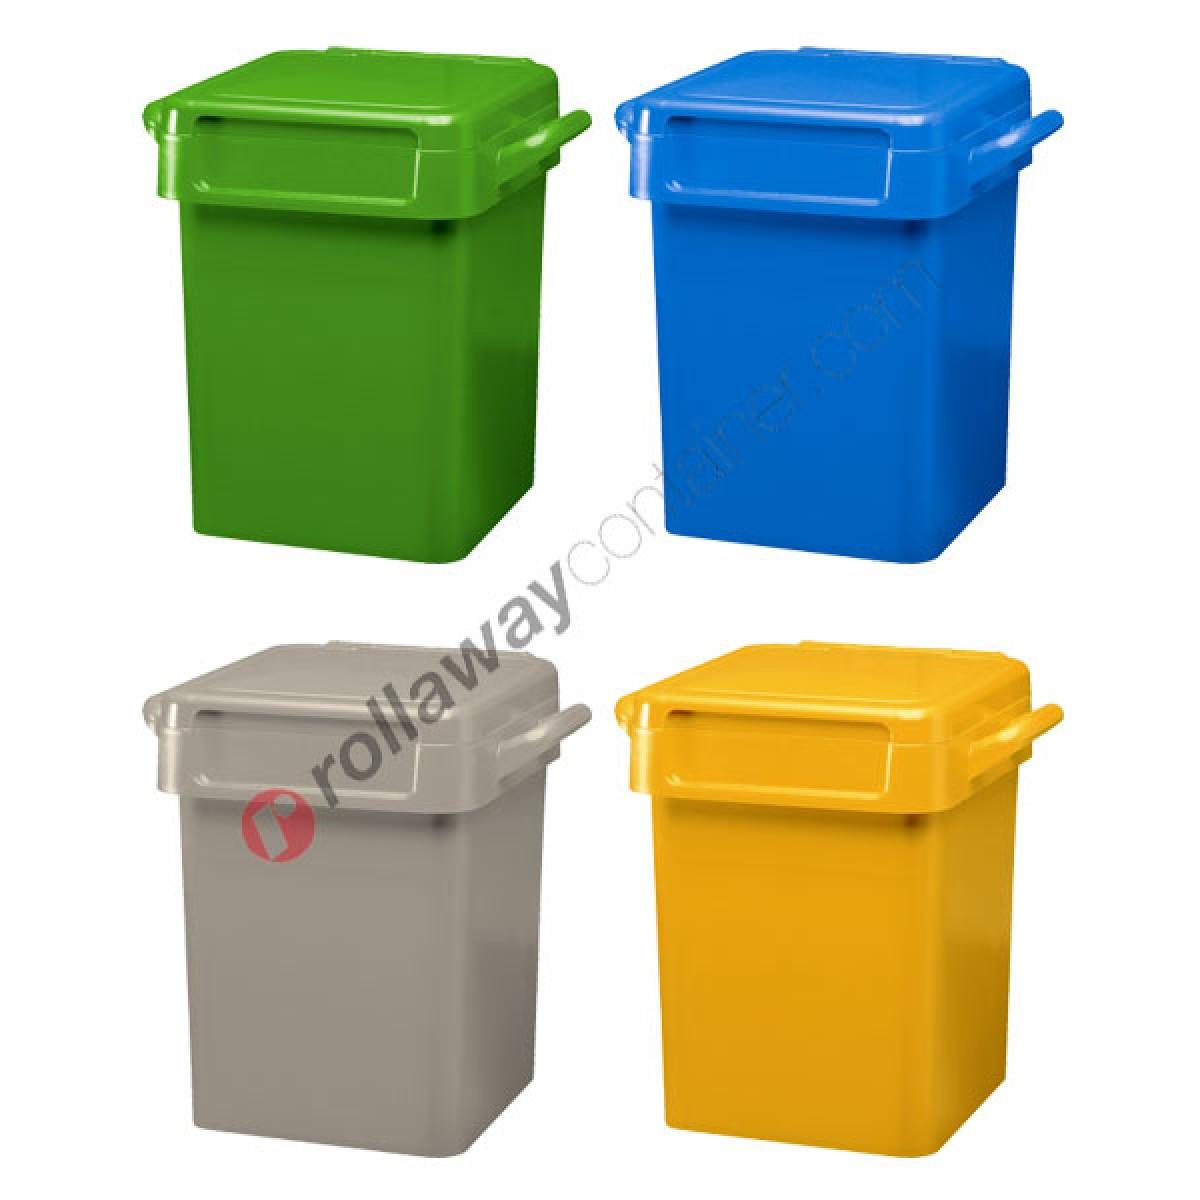 Cestini Raccolta Differenziata Casa bidoni spazzatura differenziata da 50 litri con maniglie per svuotamento  manuale